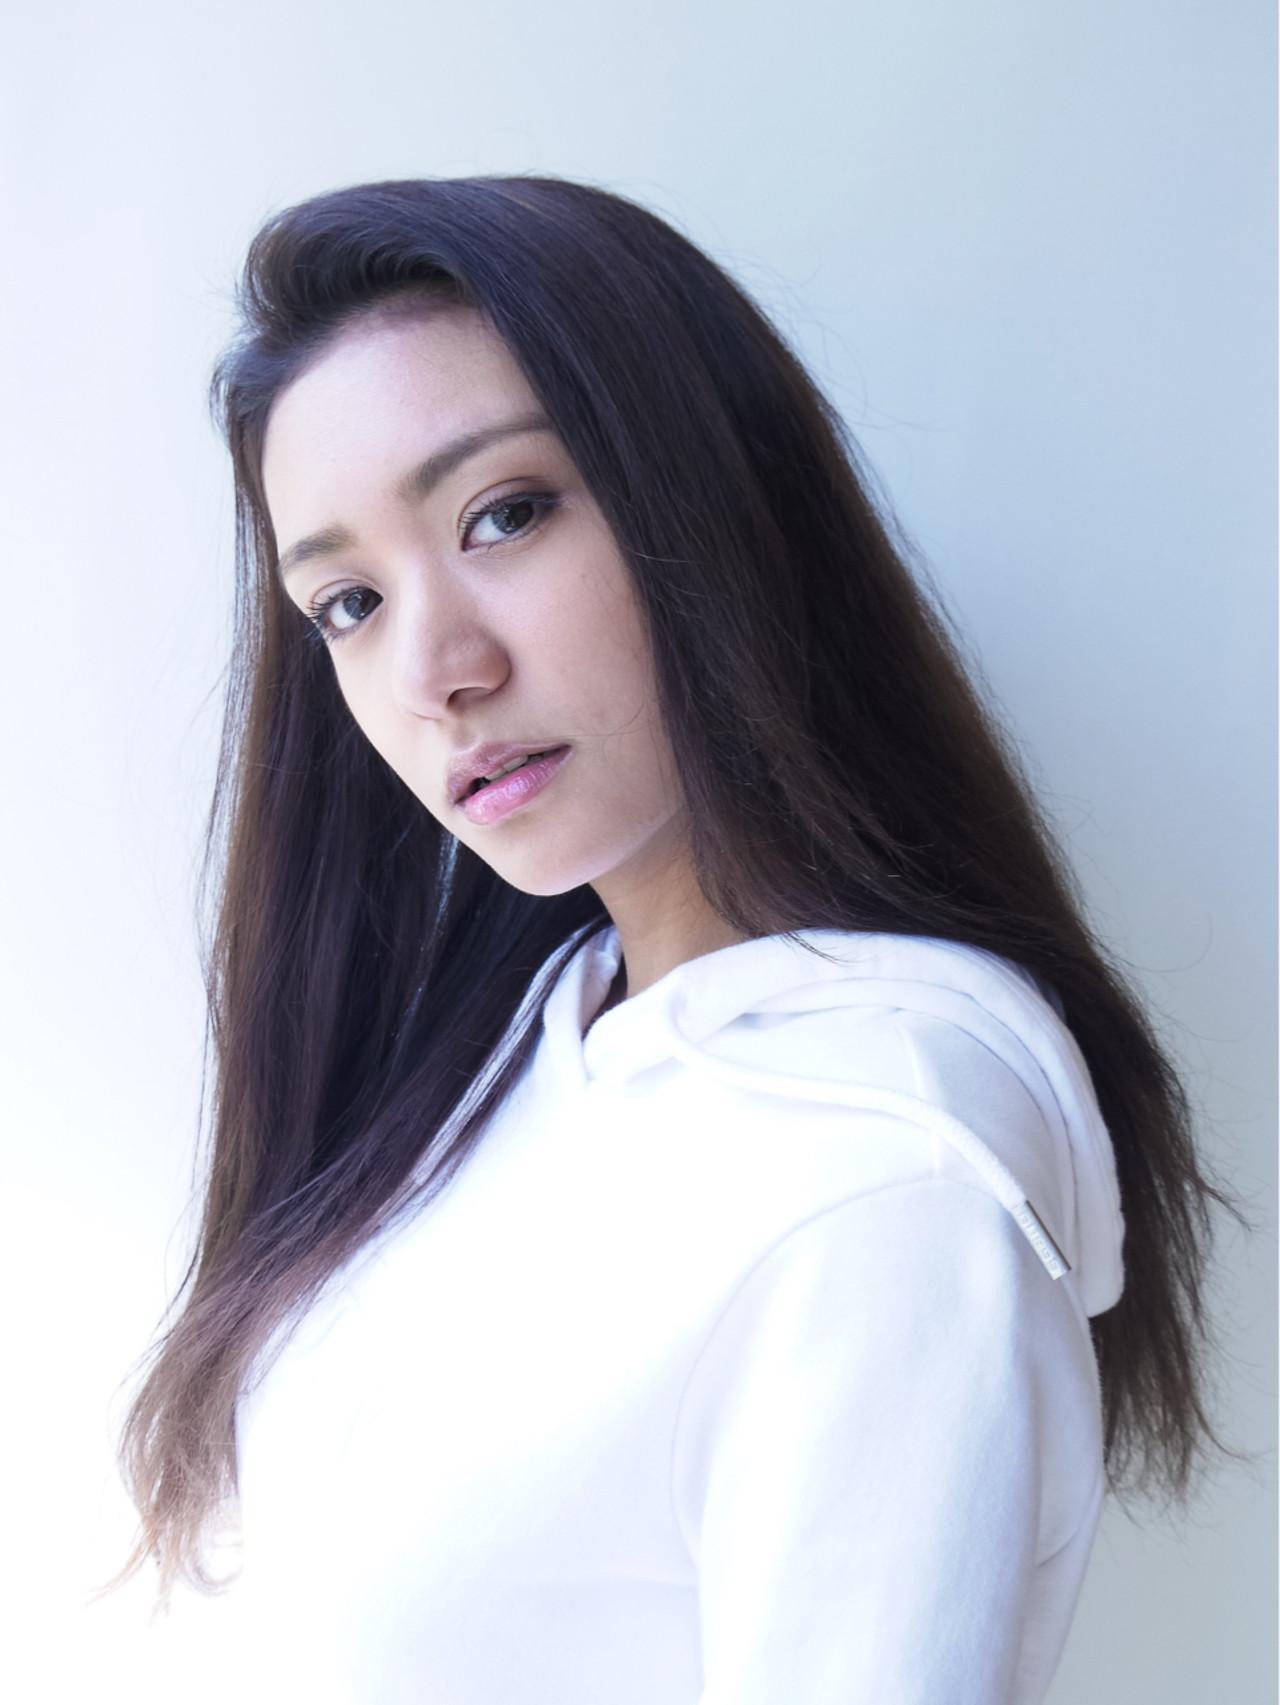 ロング 秋 大人かわいい フェミニン ヘアスタイルや髪型の写真・画像 | izumi.miyazaki / morio from london原宿本店